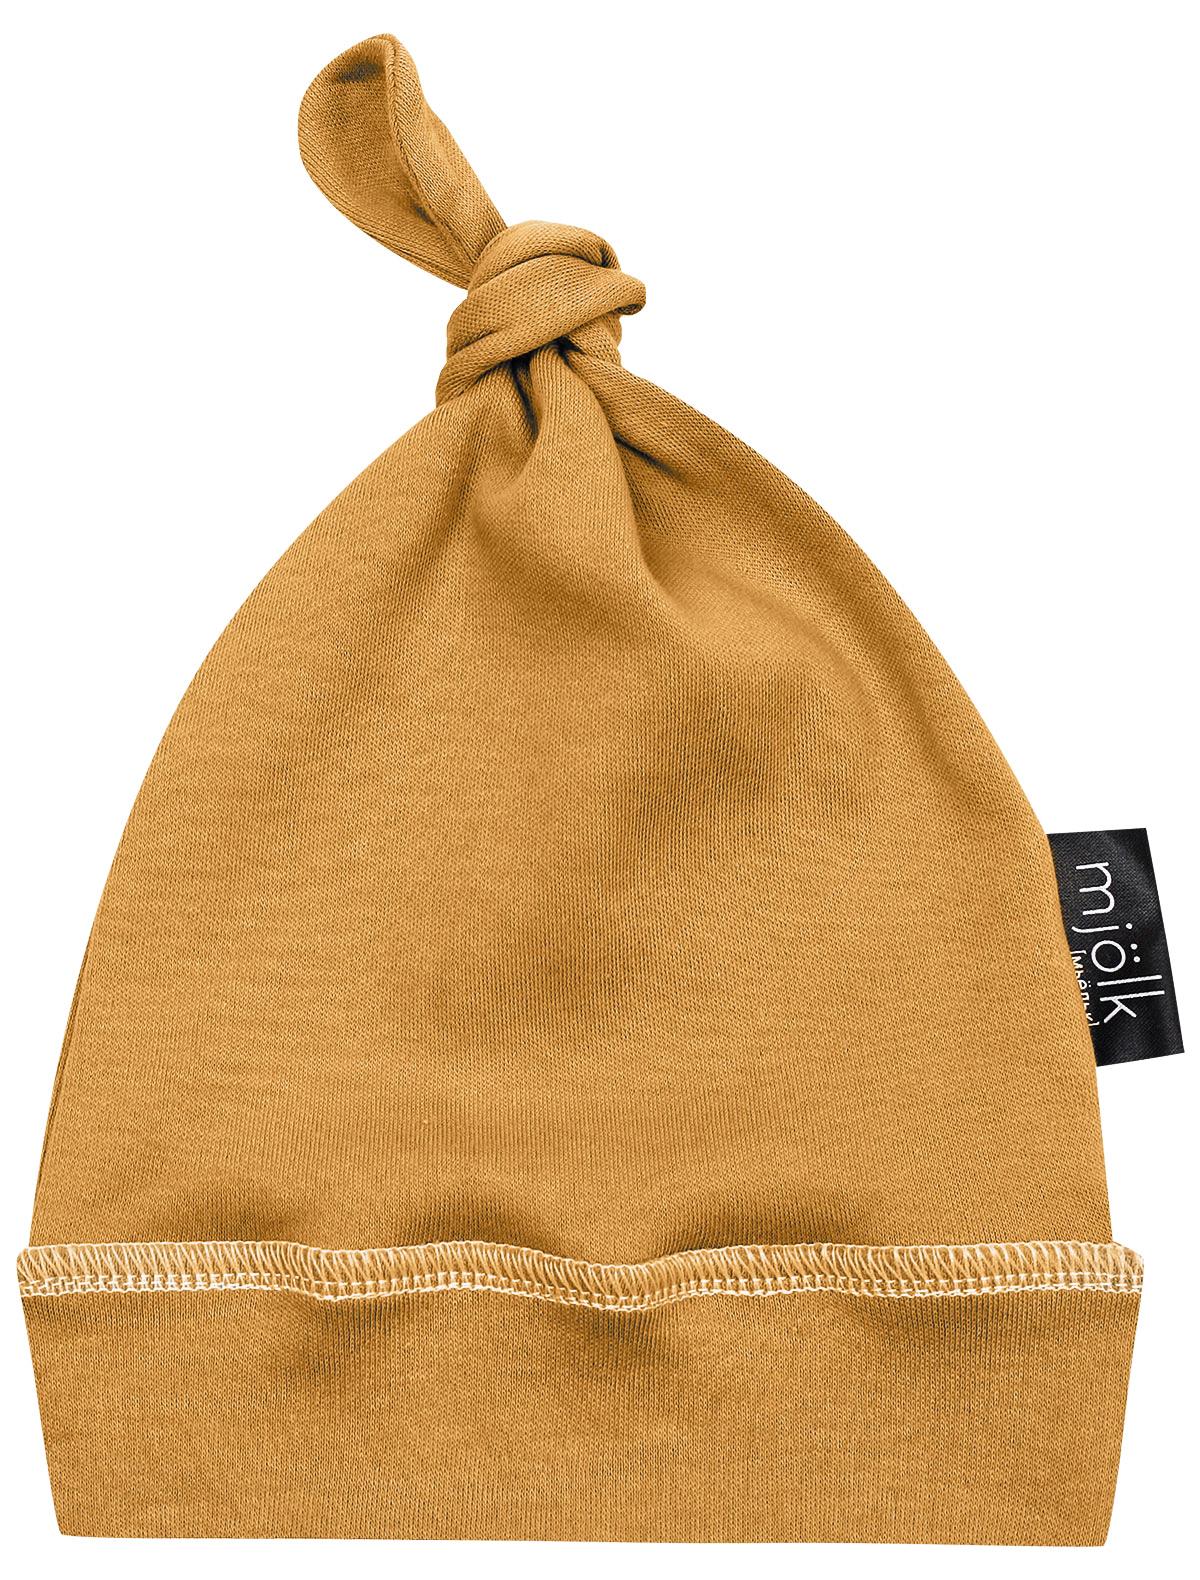 Купить 2286911, Шапка Mjolk, желтый, 1354520170101